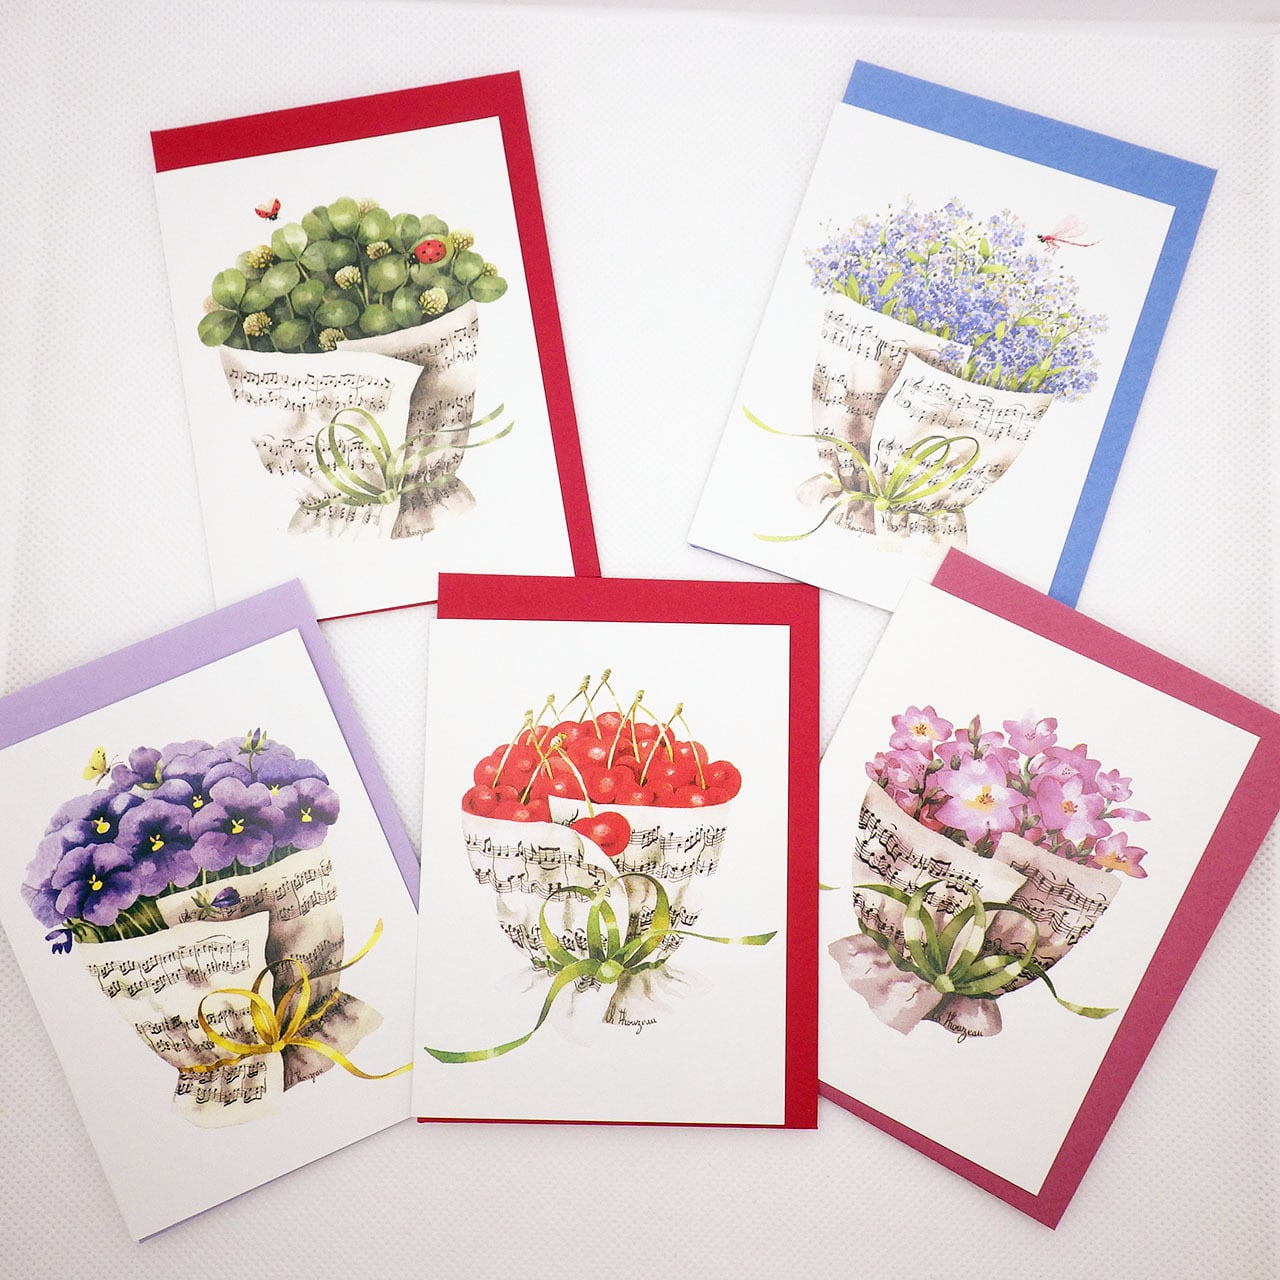 音楽の花束【チェリー】 メッセージカード5枚セット ドイツ製